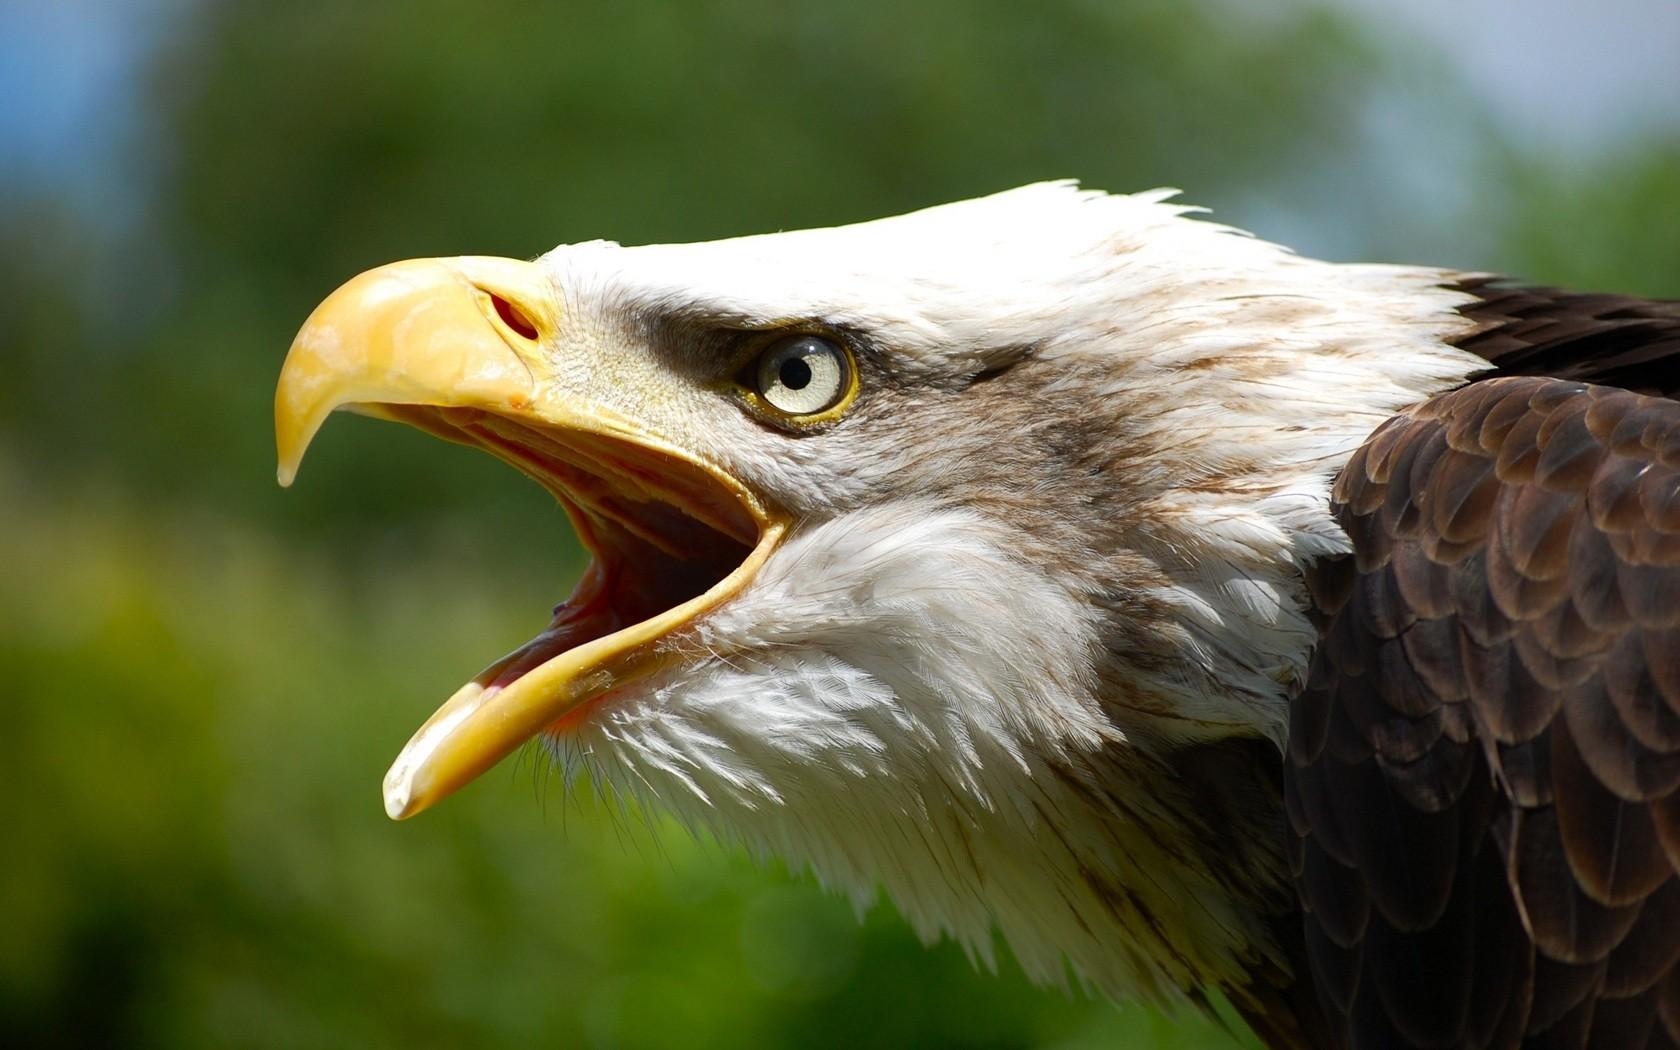 Aguila abriendo la boca - 1680x1050